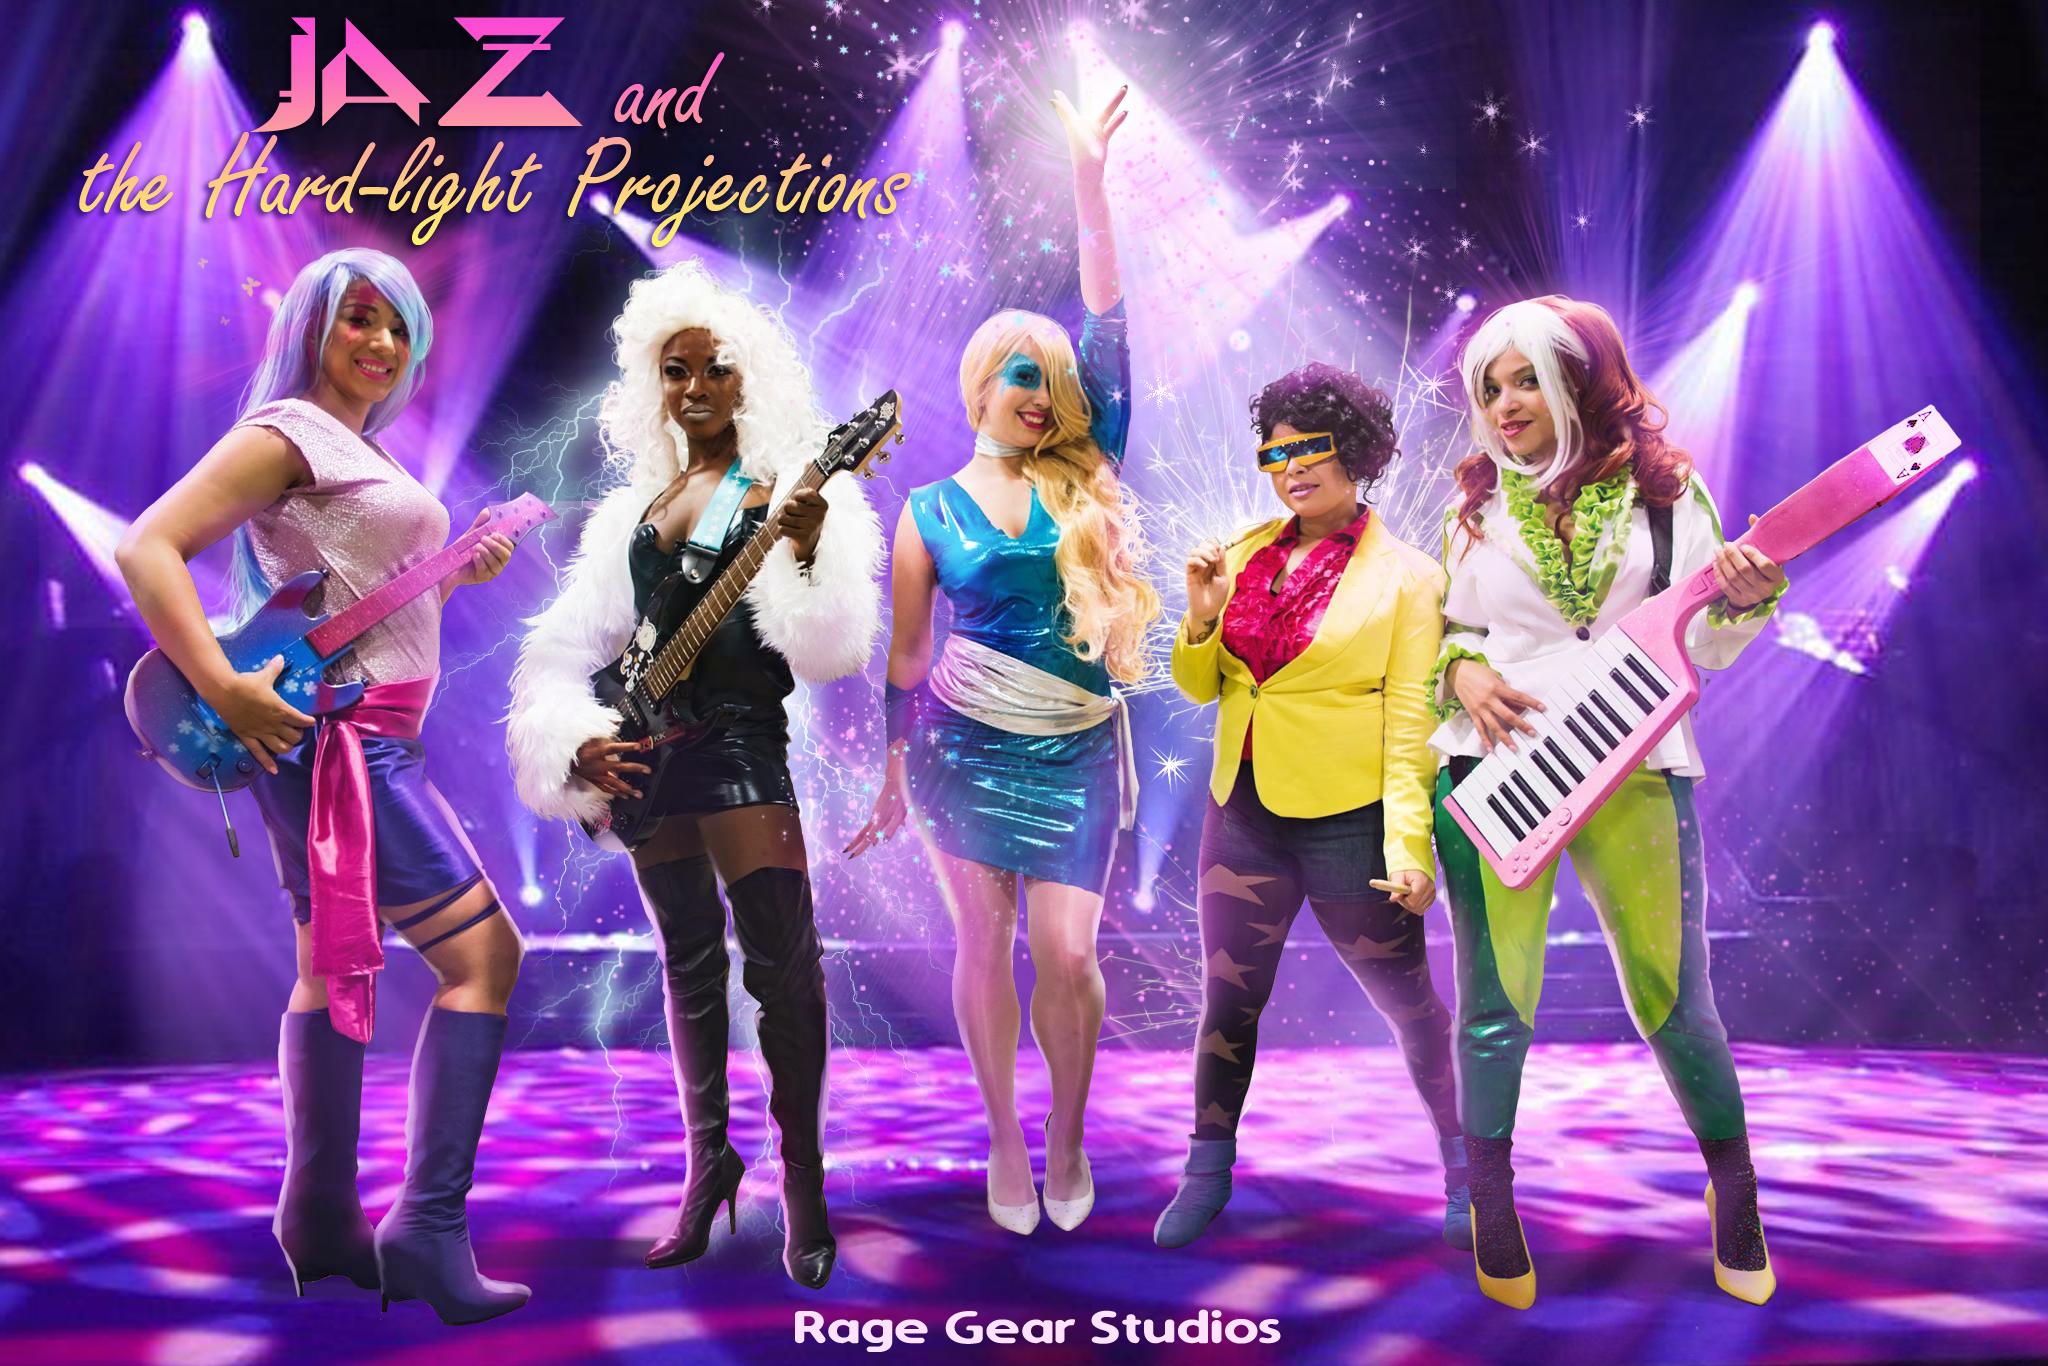 Photo effects b: Rage Gear Studios